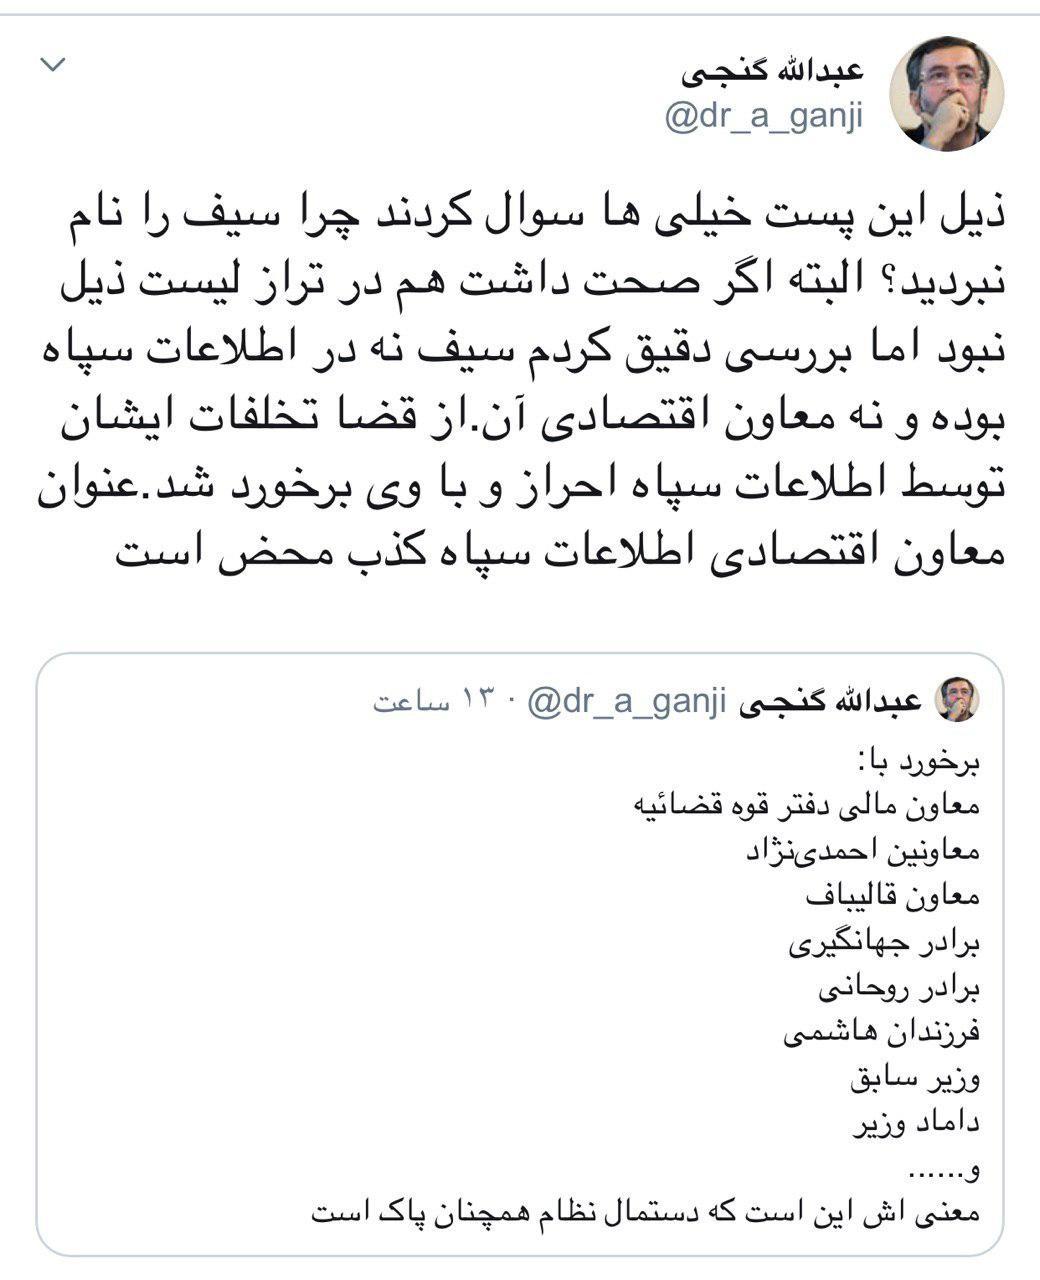 سردبیر روزنامه جوان: سیف در اطلاعات سپاه نبوده است